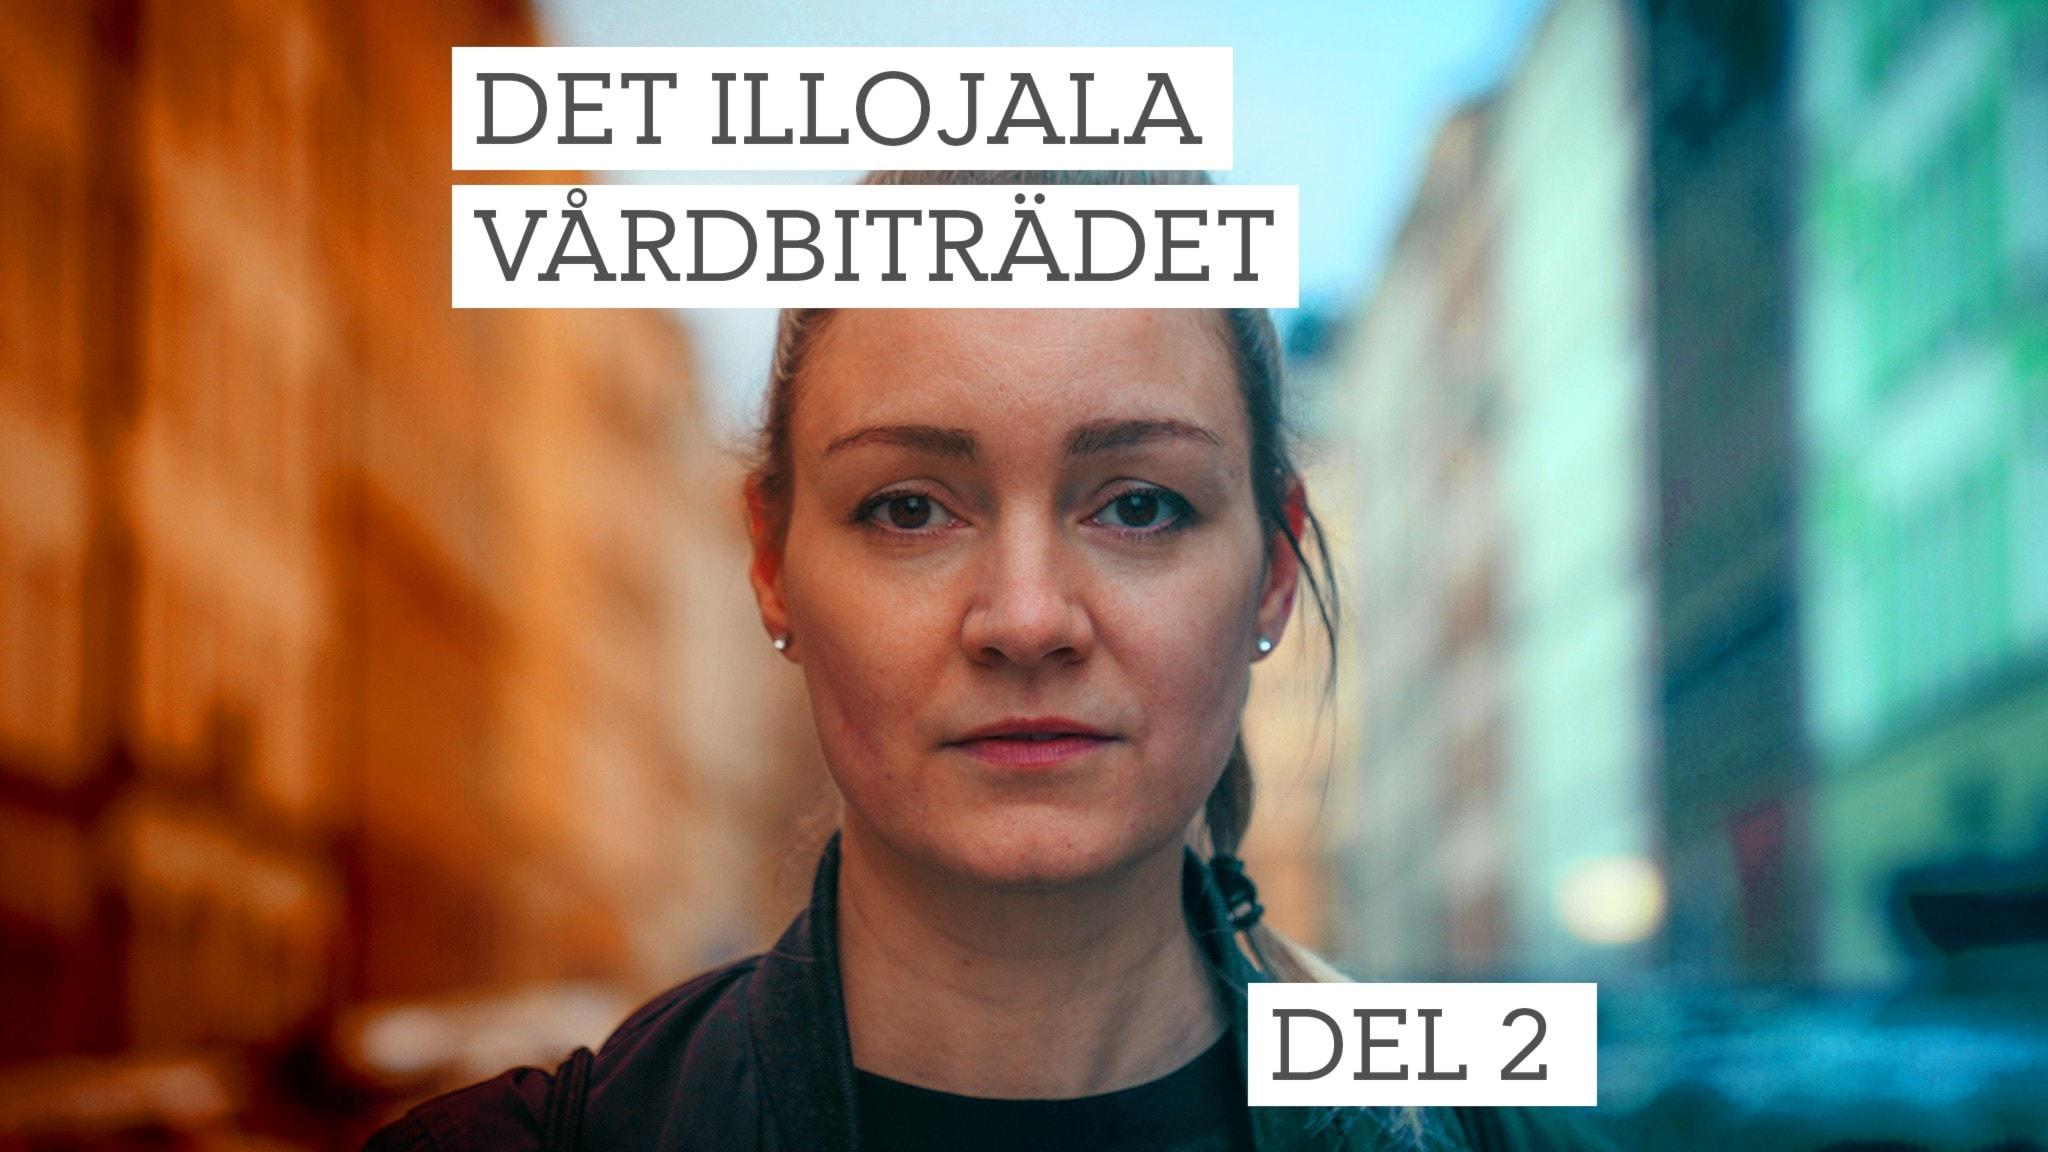 Stine Christophersen i P1 Dokumentären Det illojala vårdbiträdet.